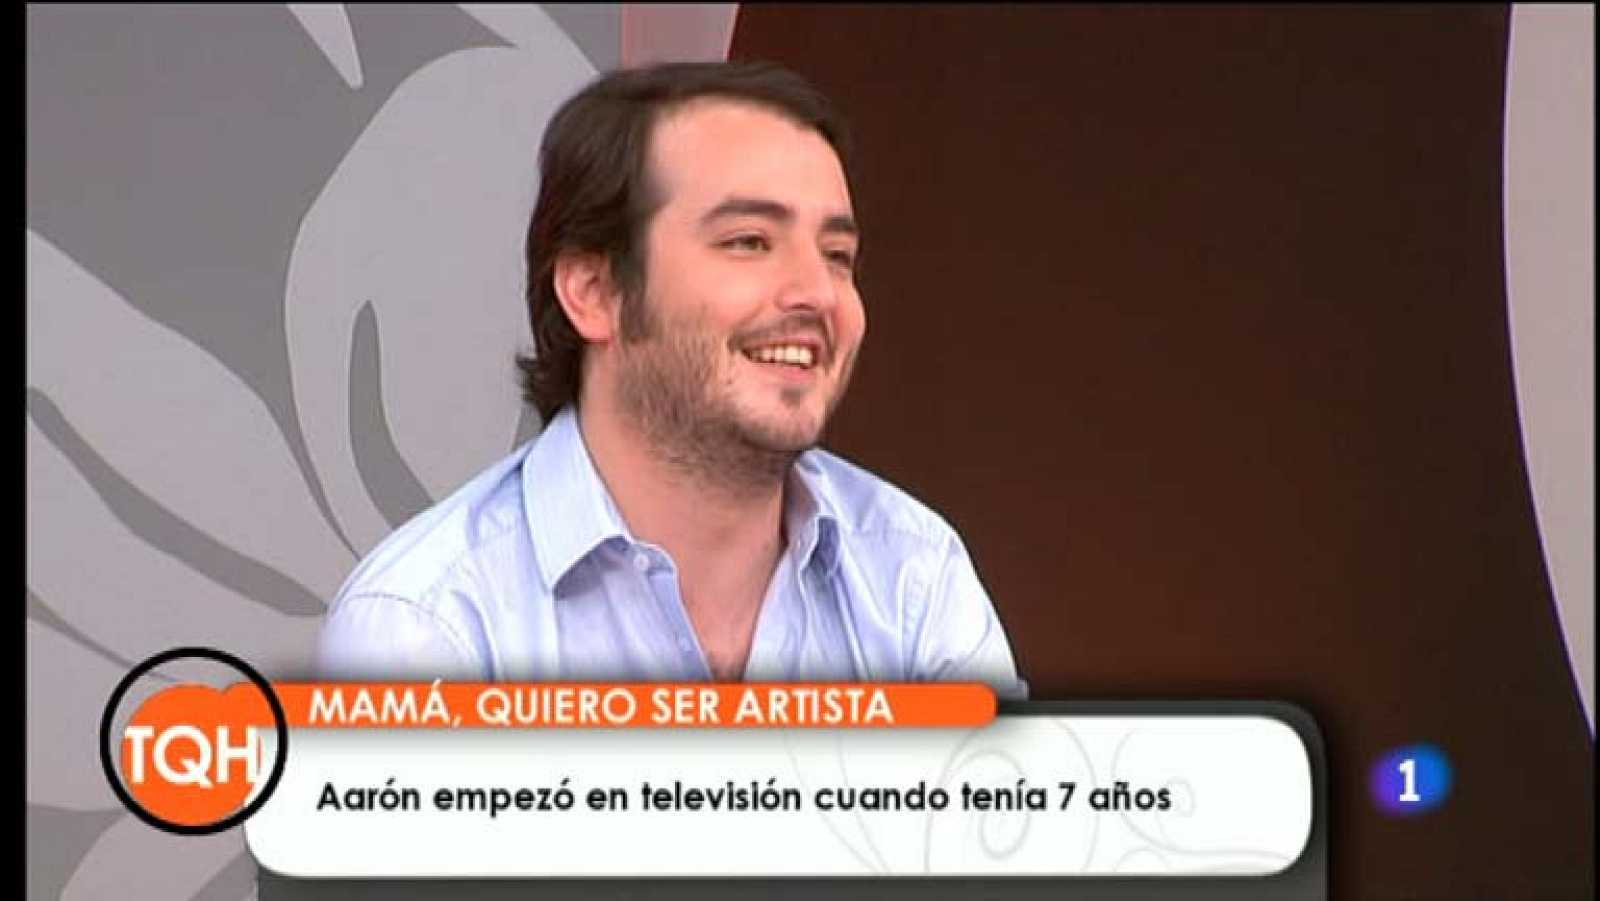 Tenemos que hablar - Aarón Guerrero empezó con sólo siete años - RTVE.es